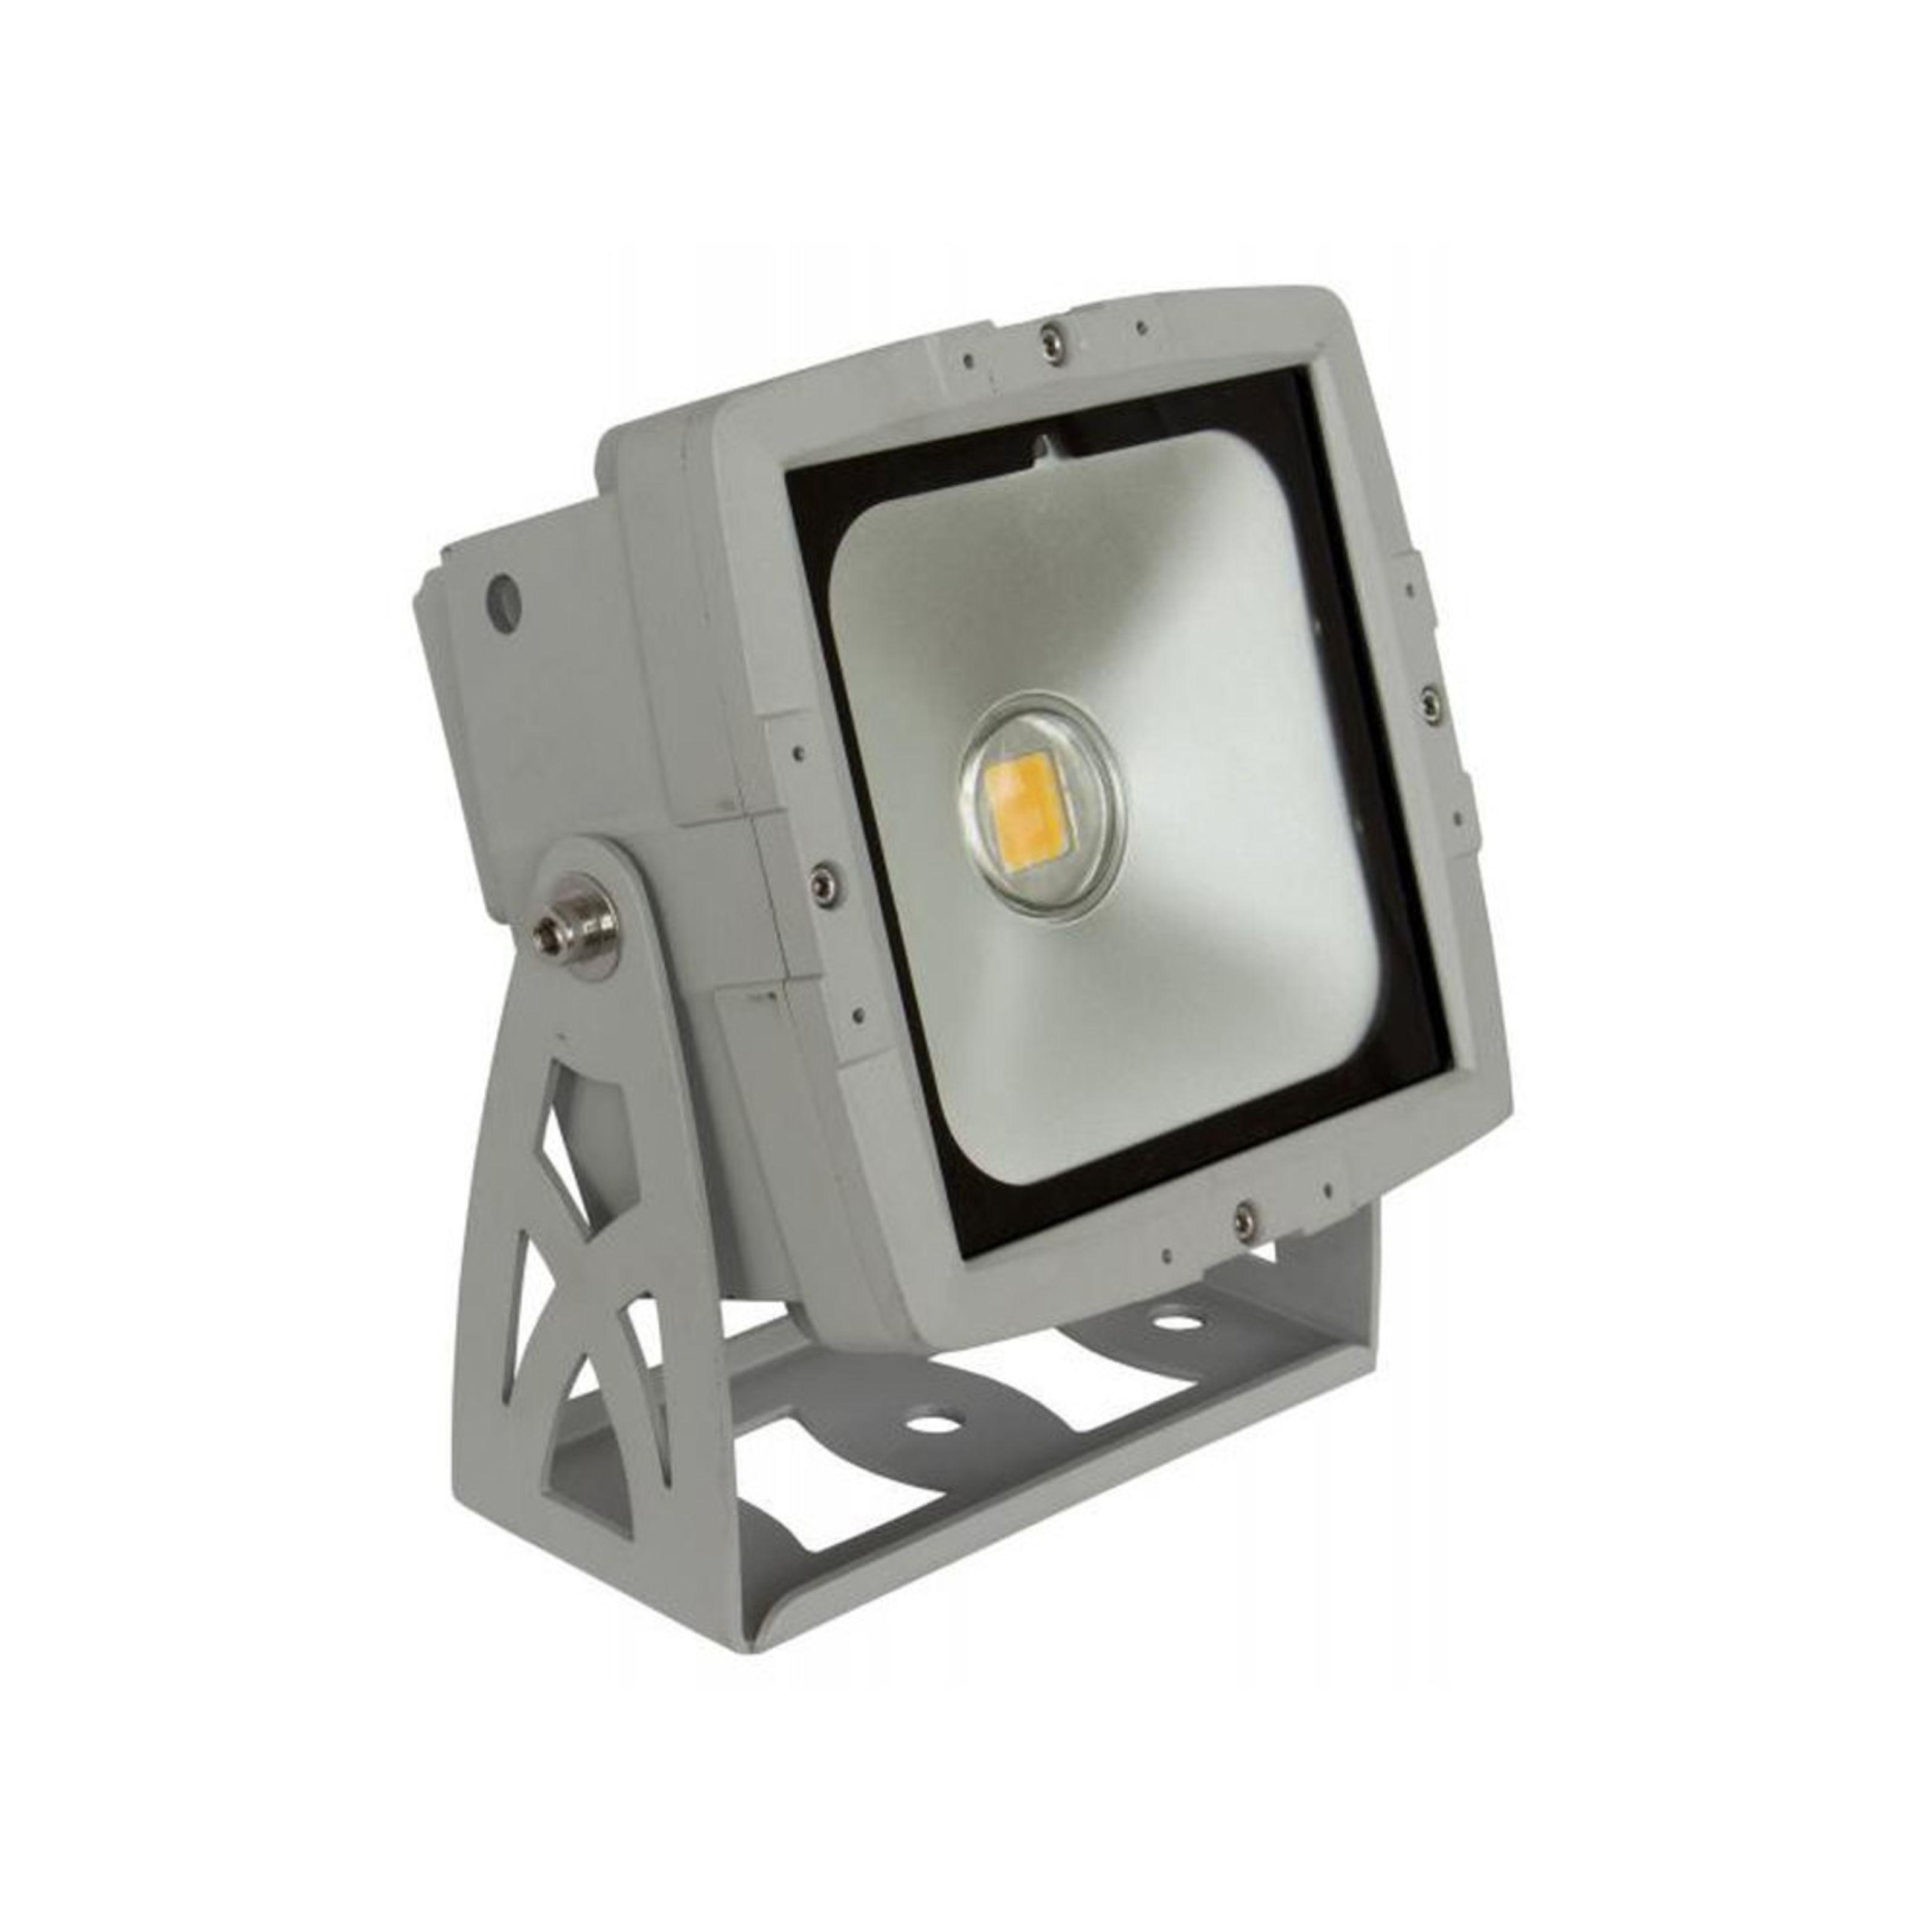 Briteq - LDP-COBWASH 50W warm white L27563